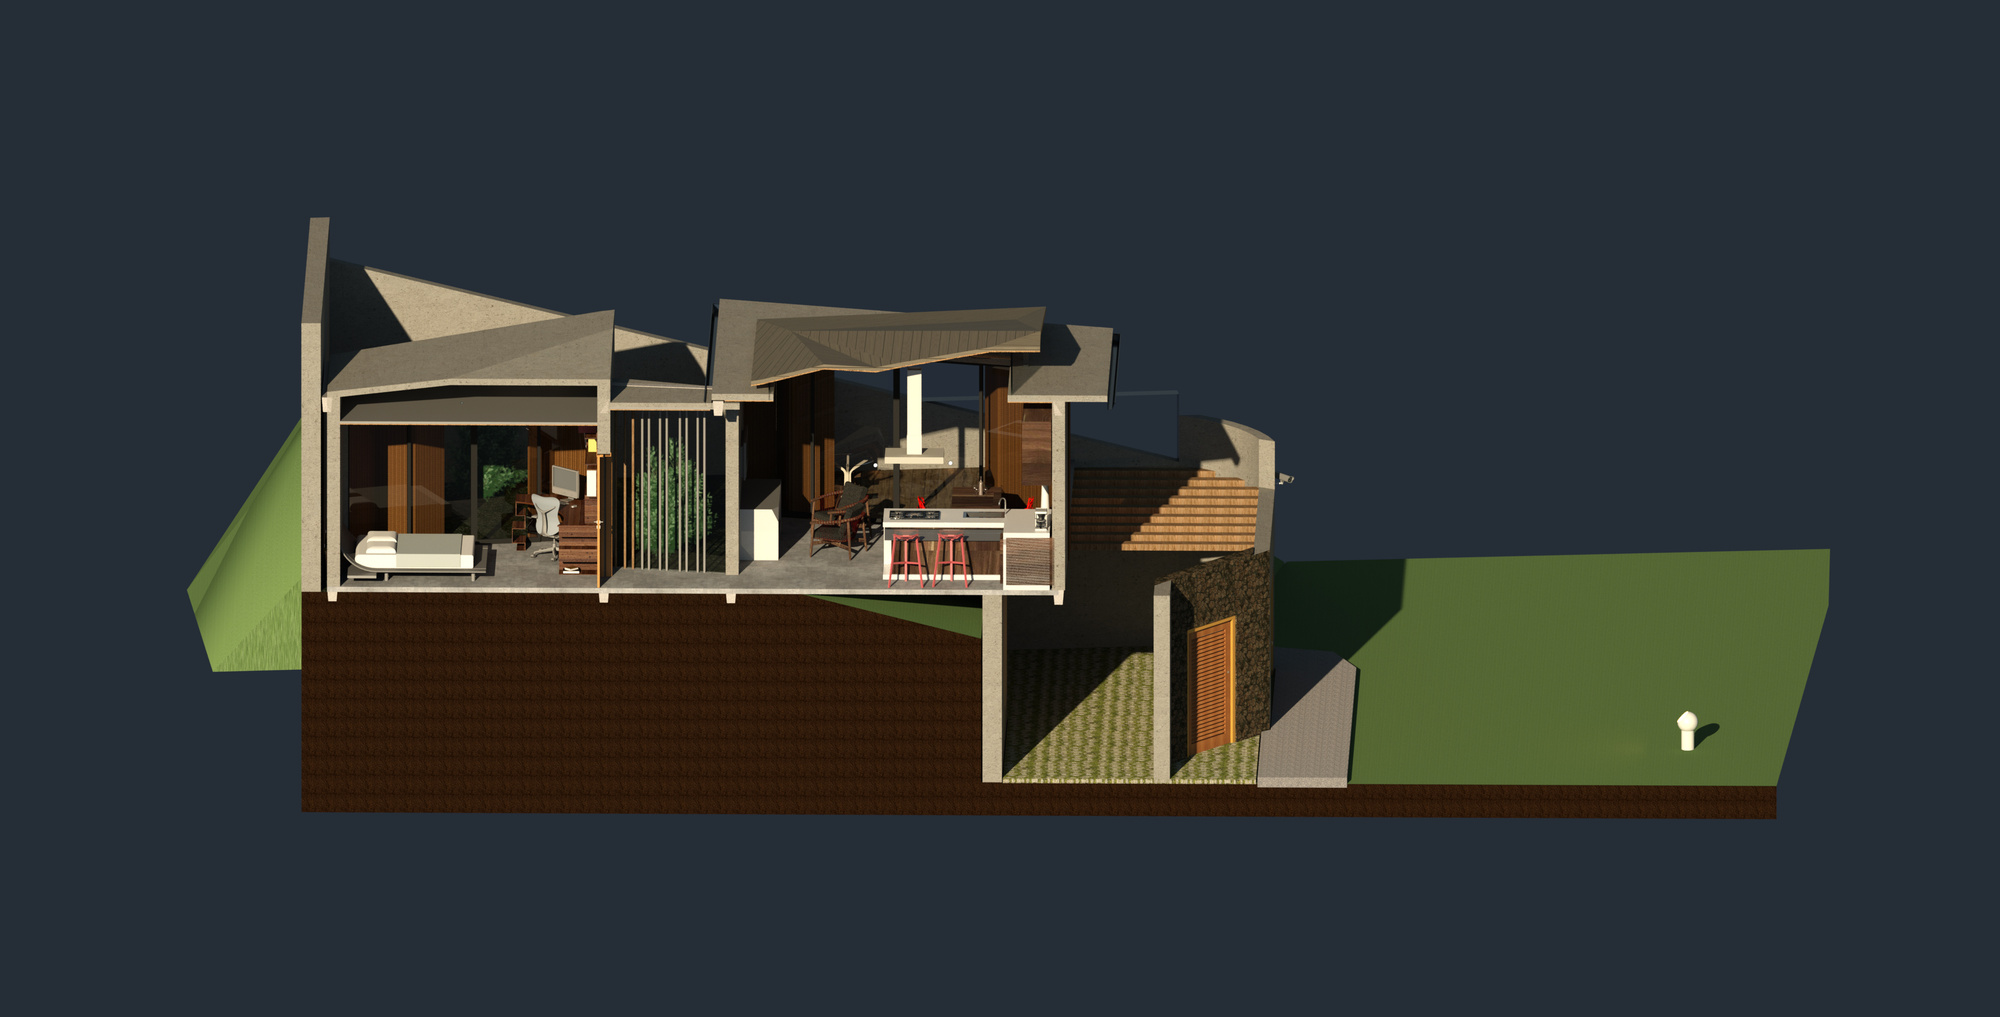 Raas-rendering20150603-6111-p9sg68